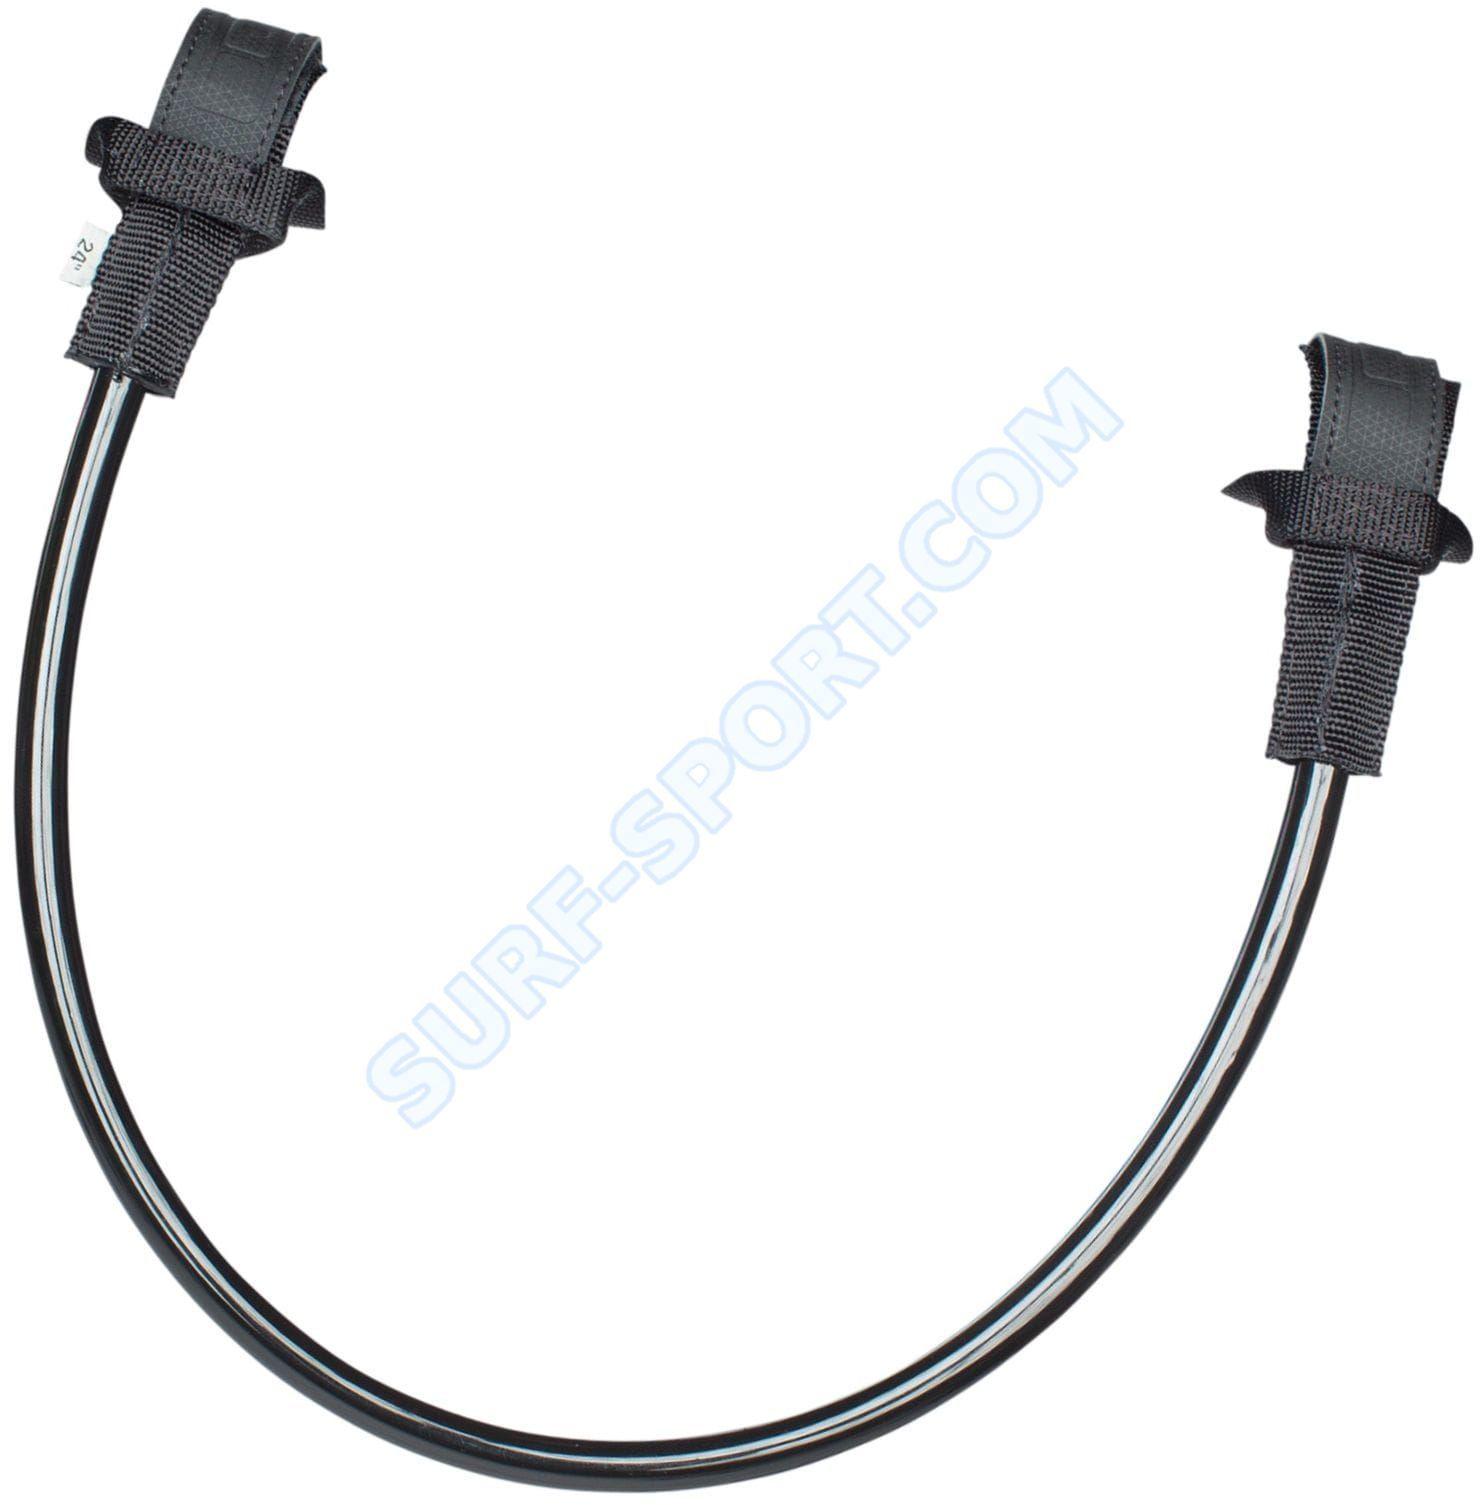 Linki Trapezowe Ion Fix Pro Black -Stałe -Szybki Montaż